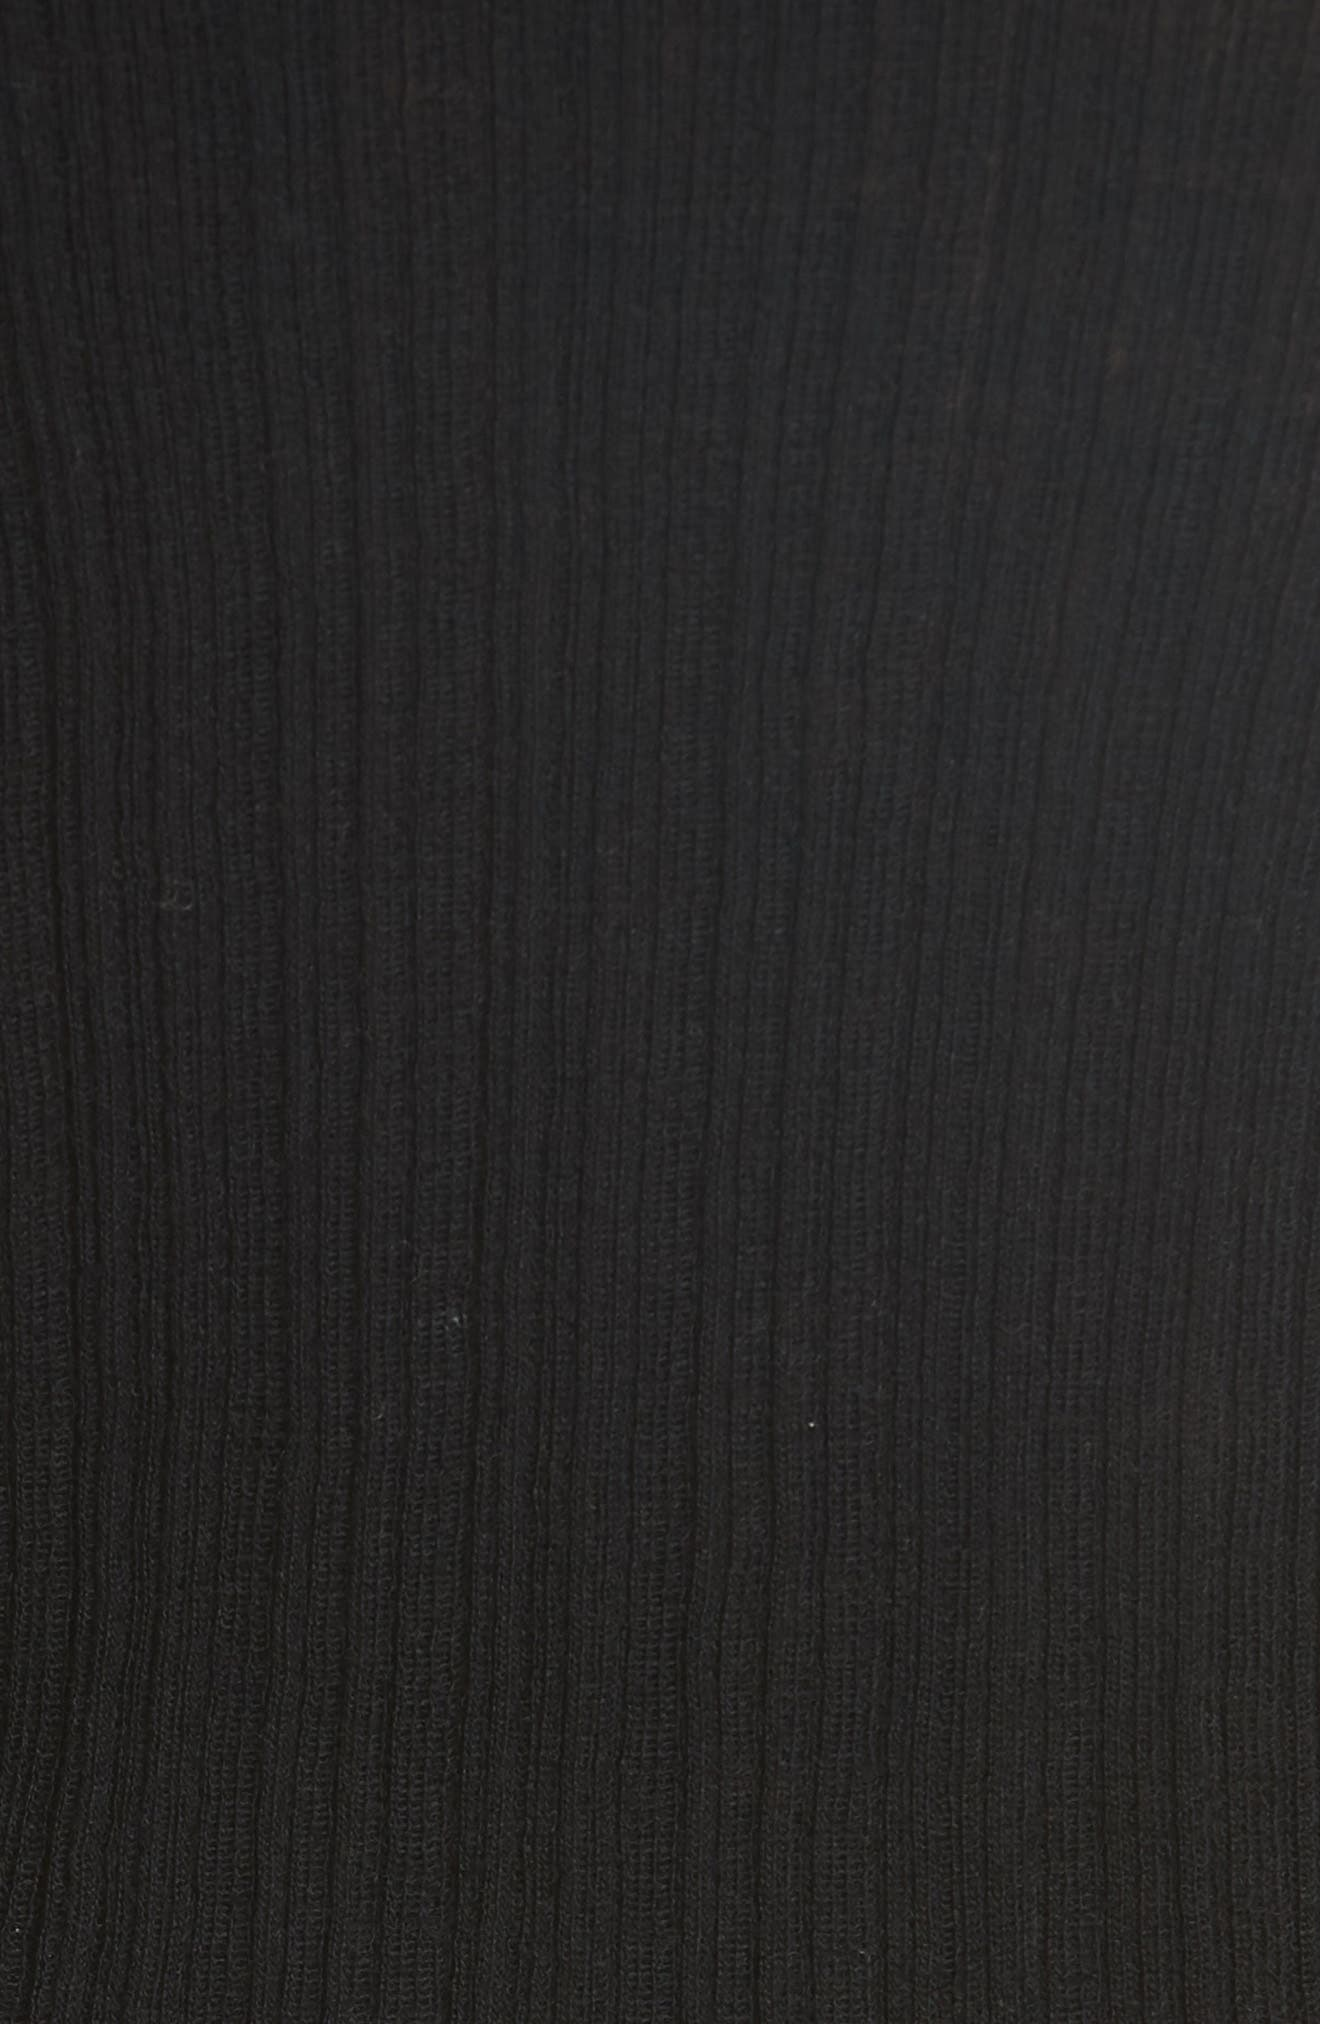 Shrunken Merino Wool Sweater,                             Alternate thumbnail 5, color,                             BLACK